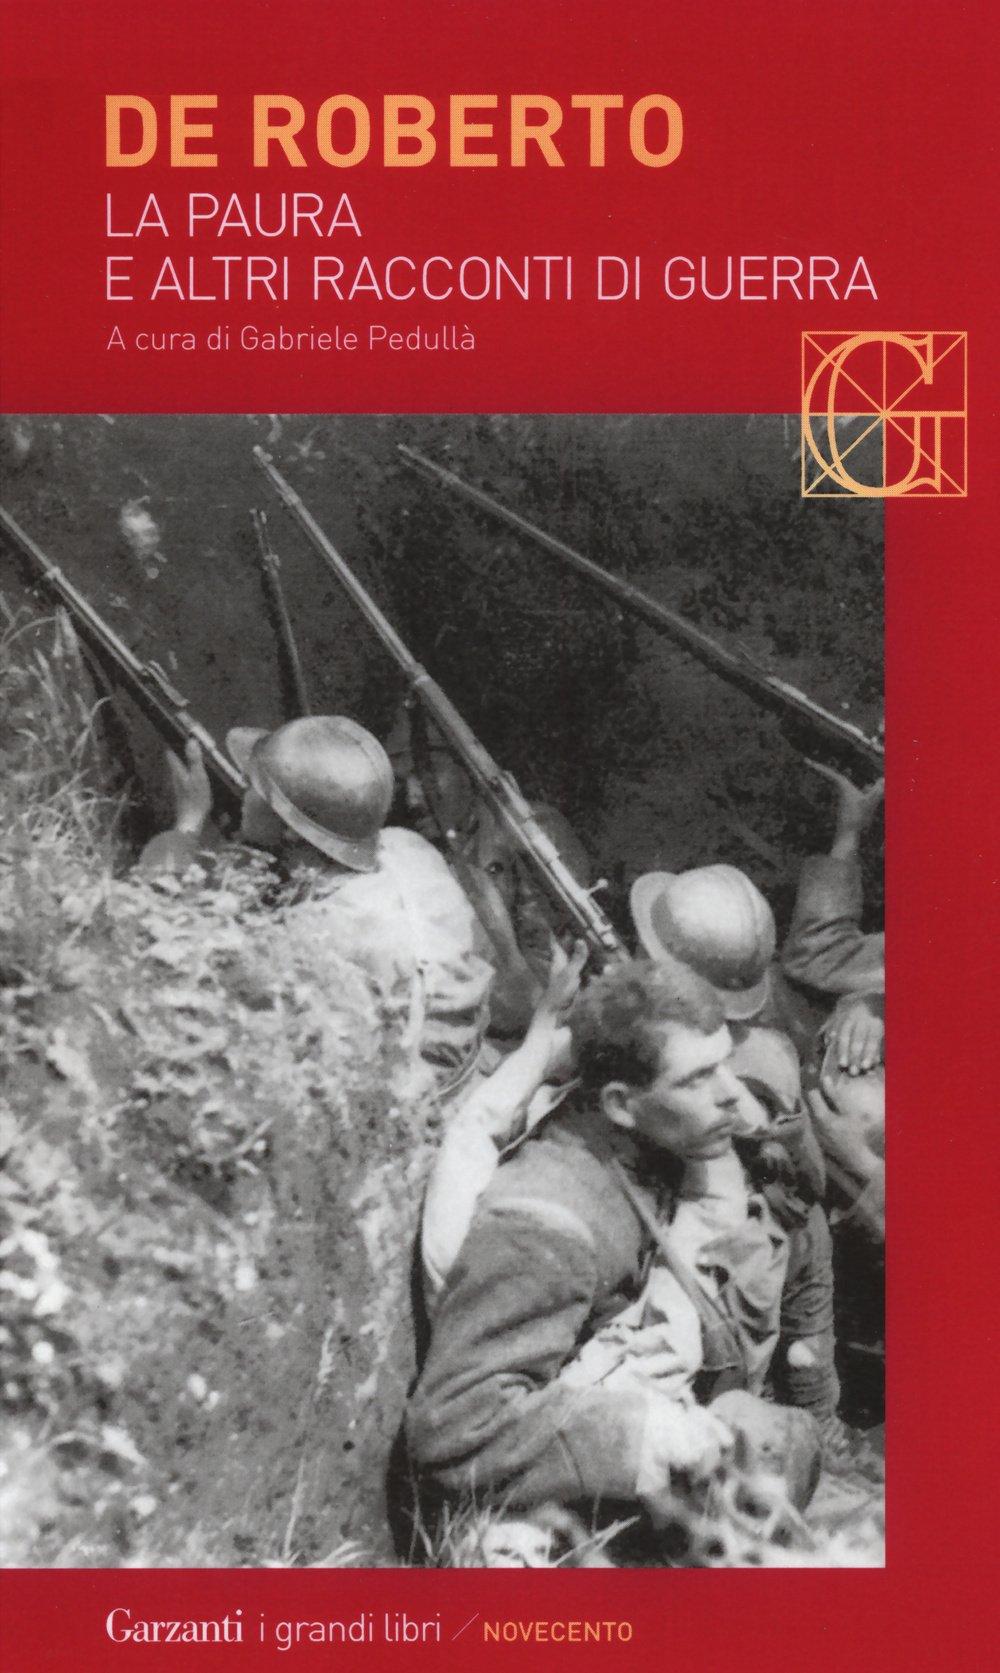 La paura e altri racconti di guerra Copertina flessibile – 24 set 2015 Federico De Roberto G. Pedullà Garzanti Libri 8811811007